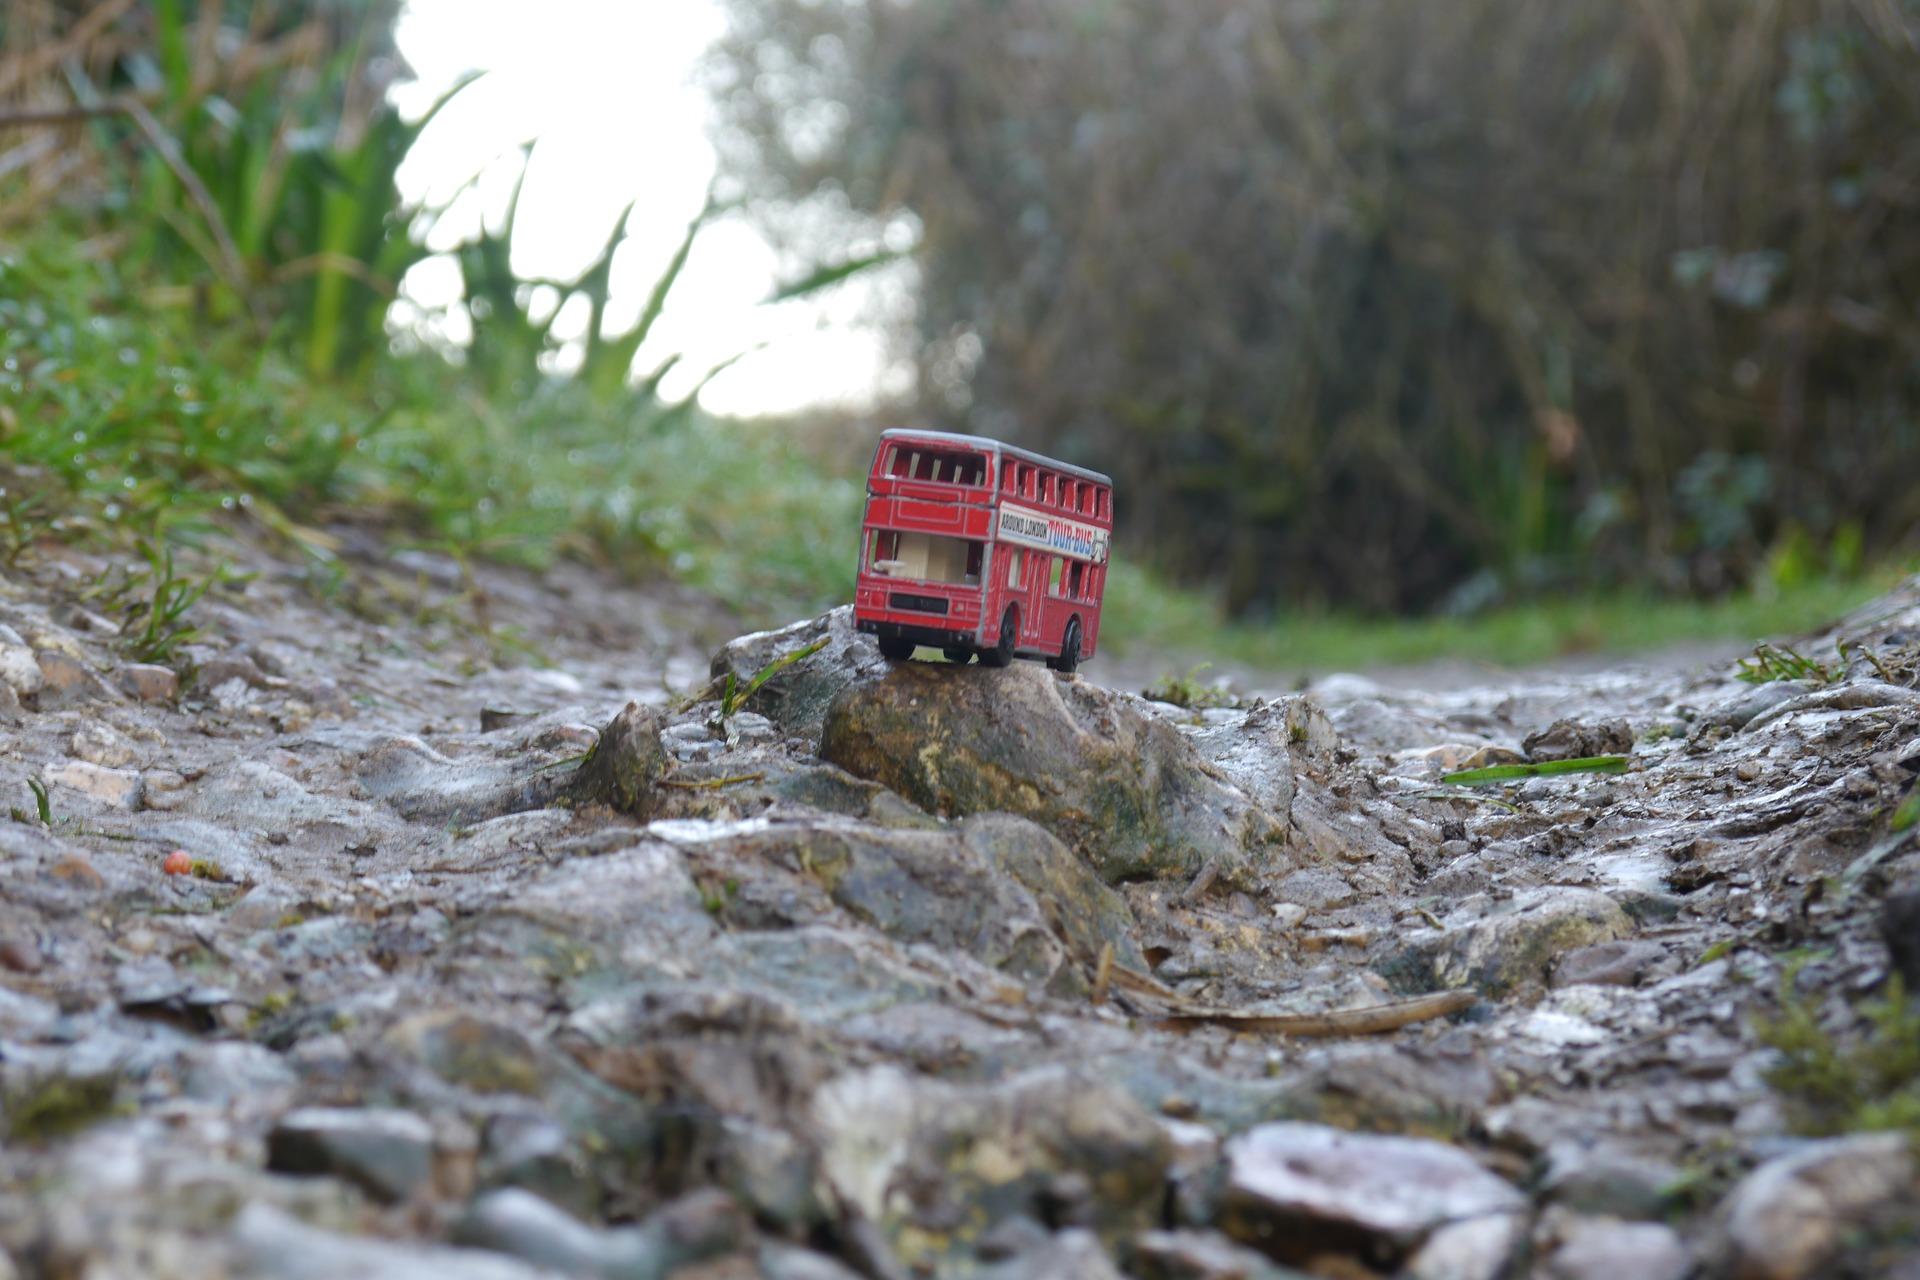 bus bumpy road